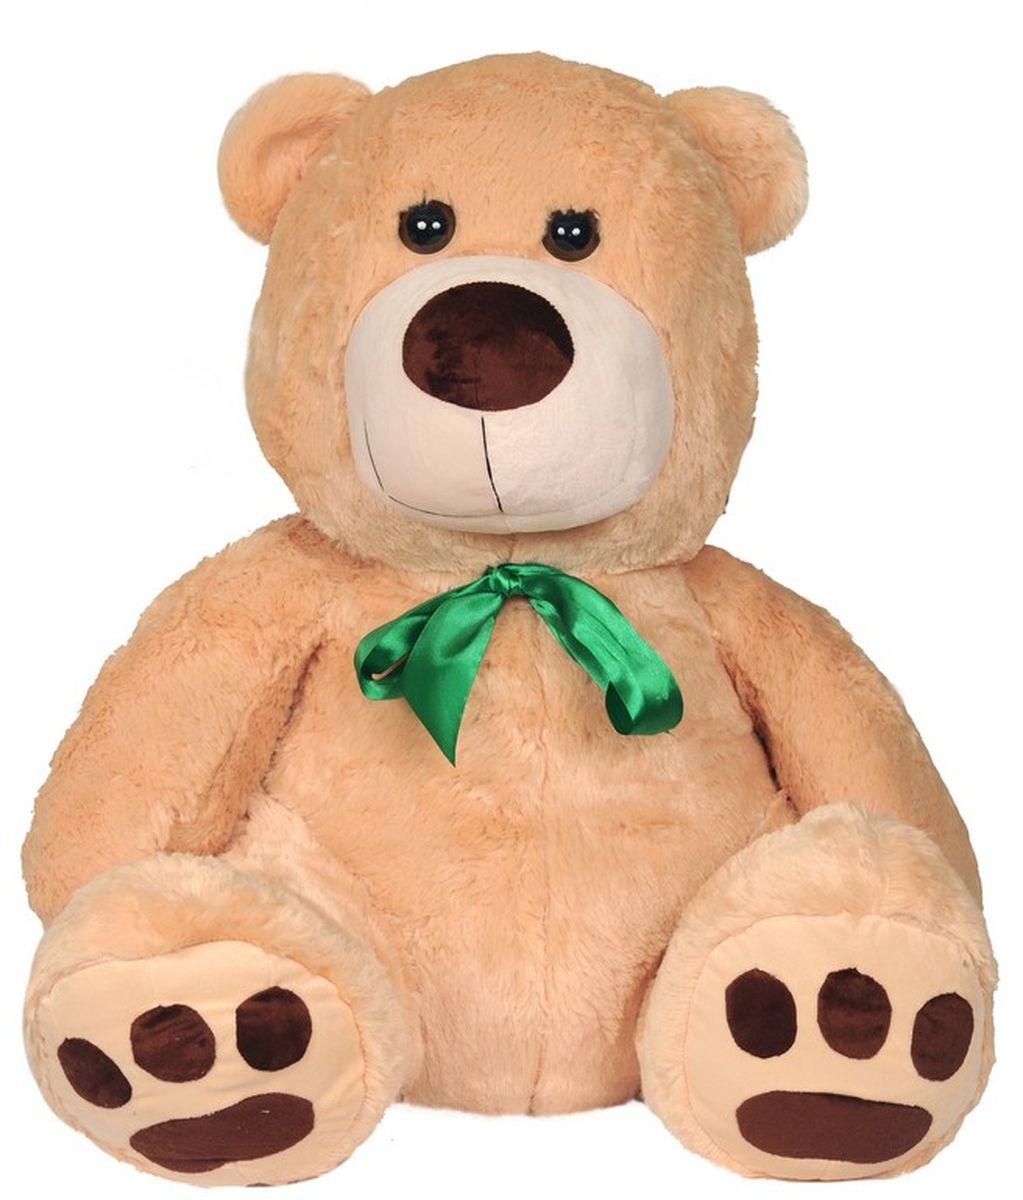 СмолТойс Мягкая игрушка Медведь цвет молочный 70 см мягкая игрушка медведь с медвежонком